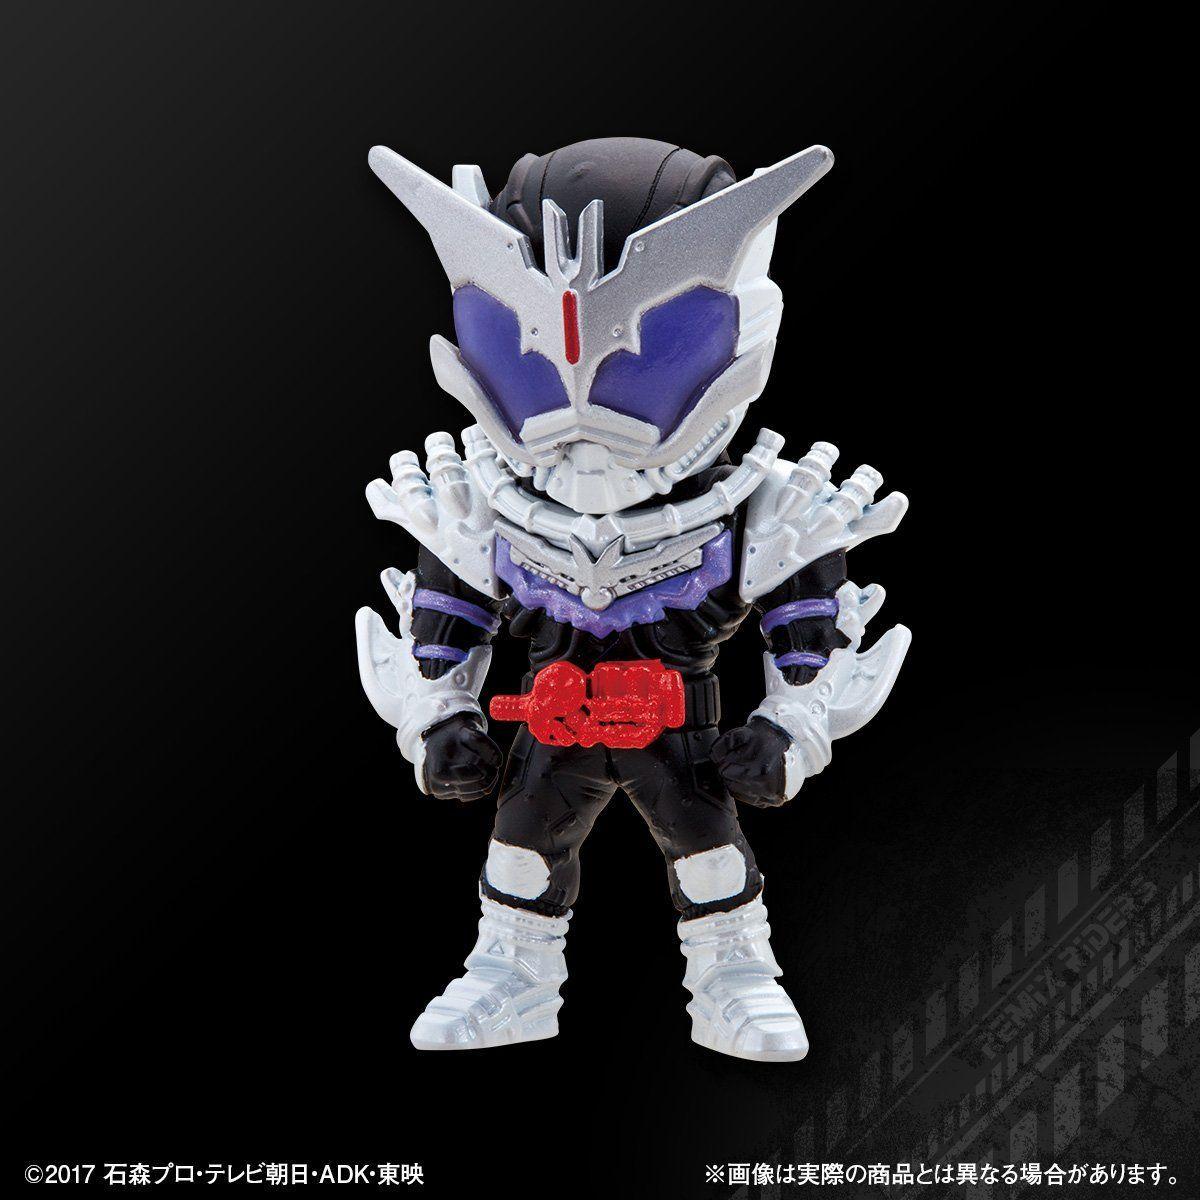 仮面ライダービルド『REMIX RIDERS PB02』ガシャポン-006